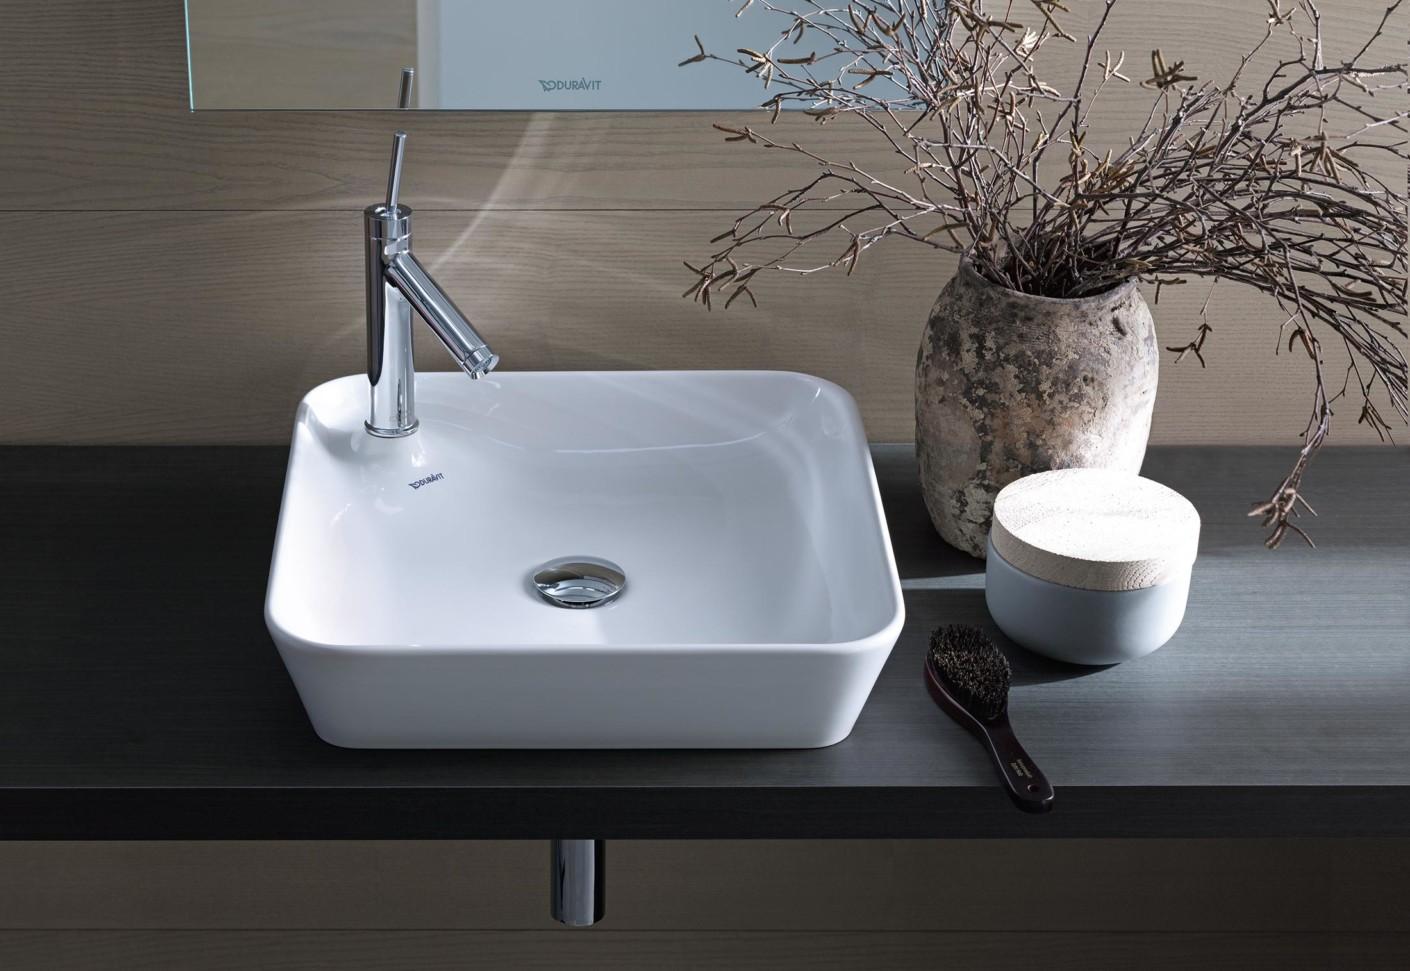 Starck 1 washbasin by Duravit | STYLEPARK